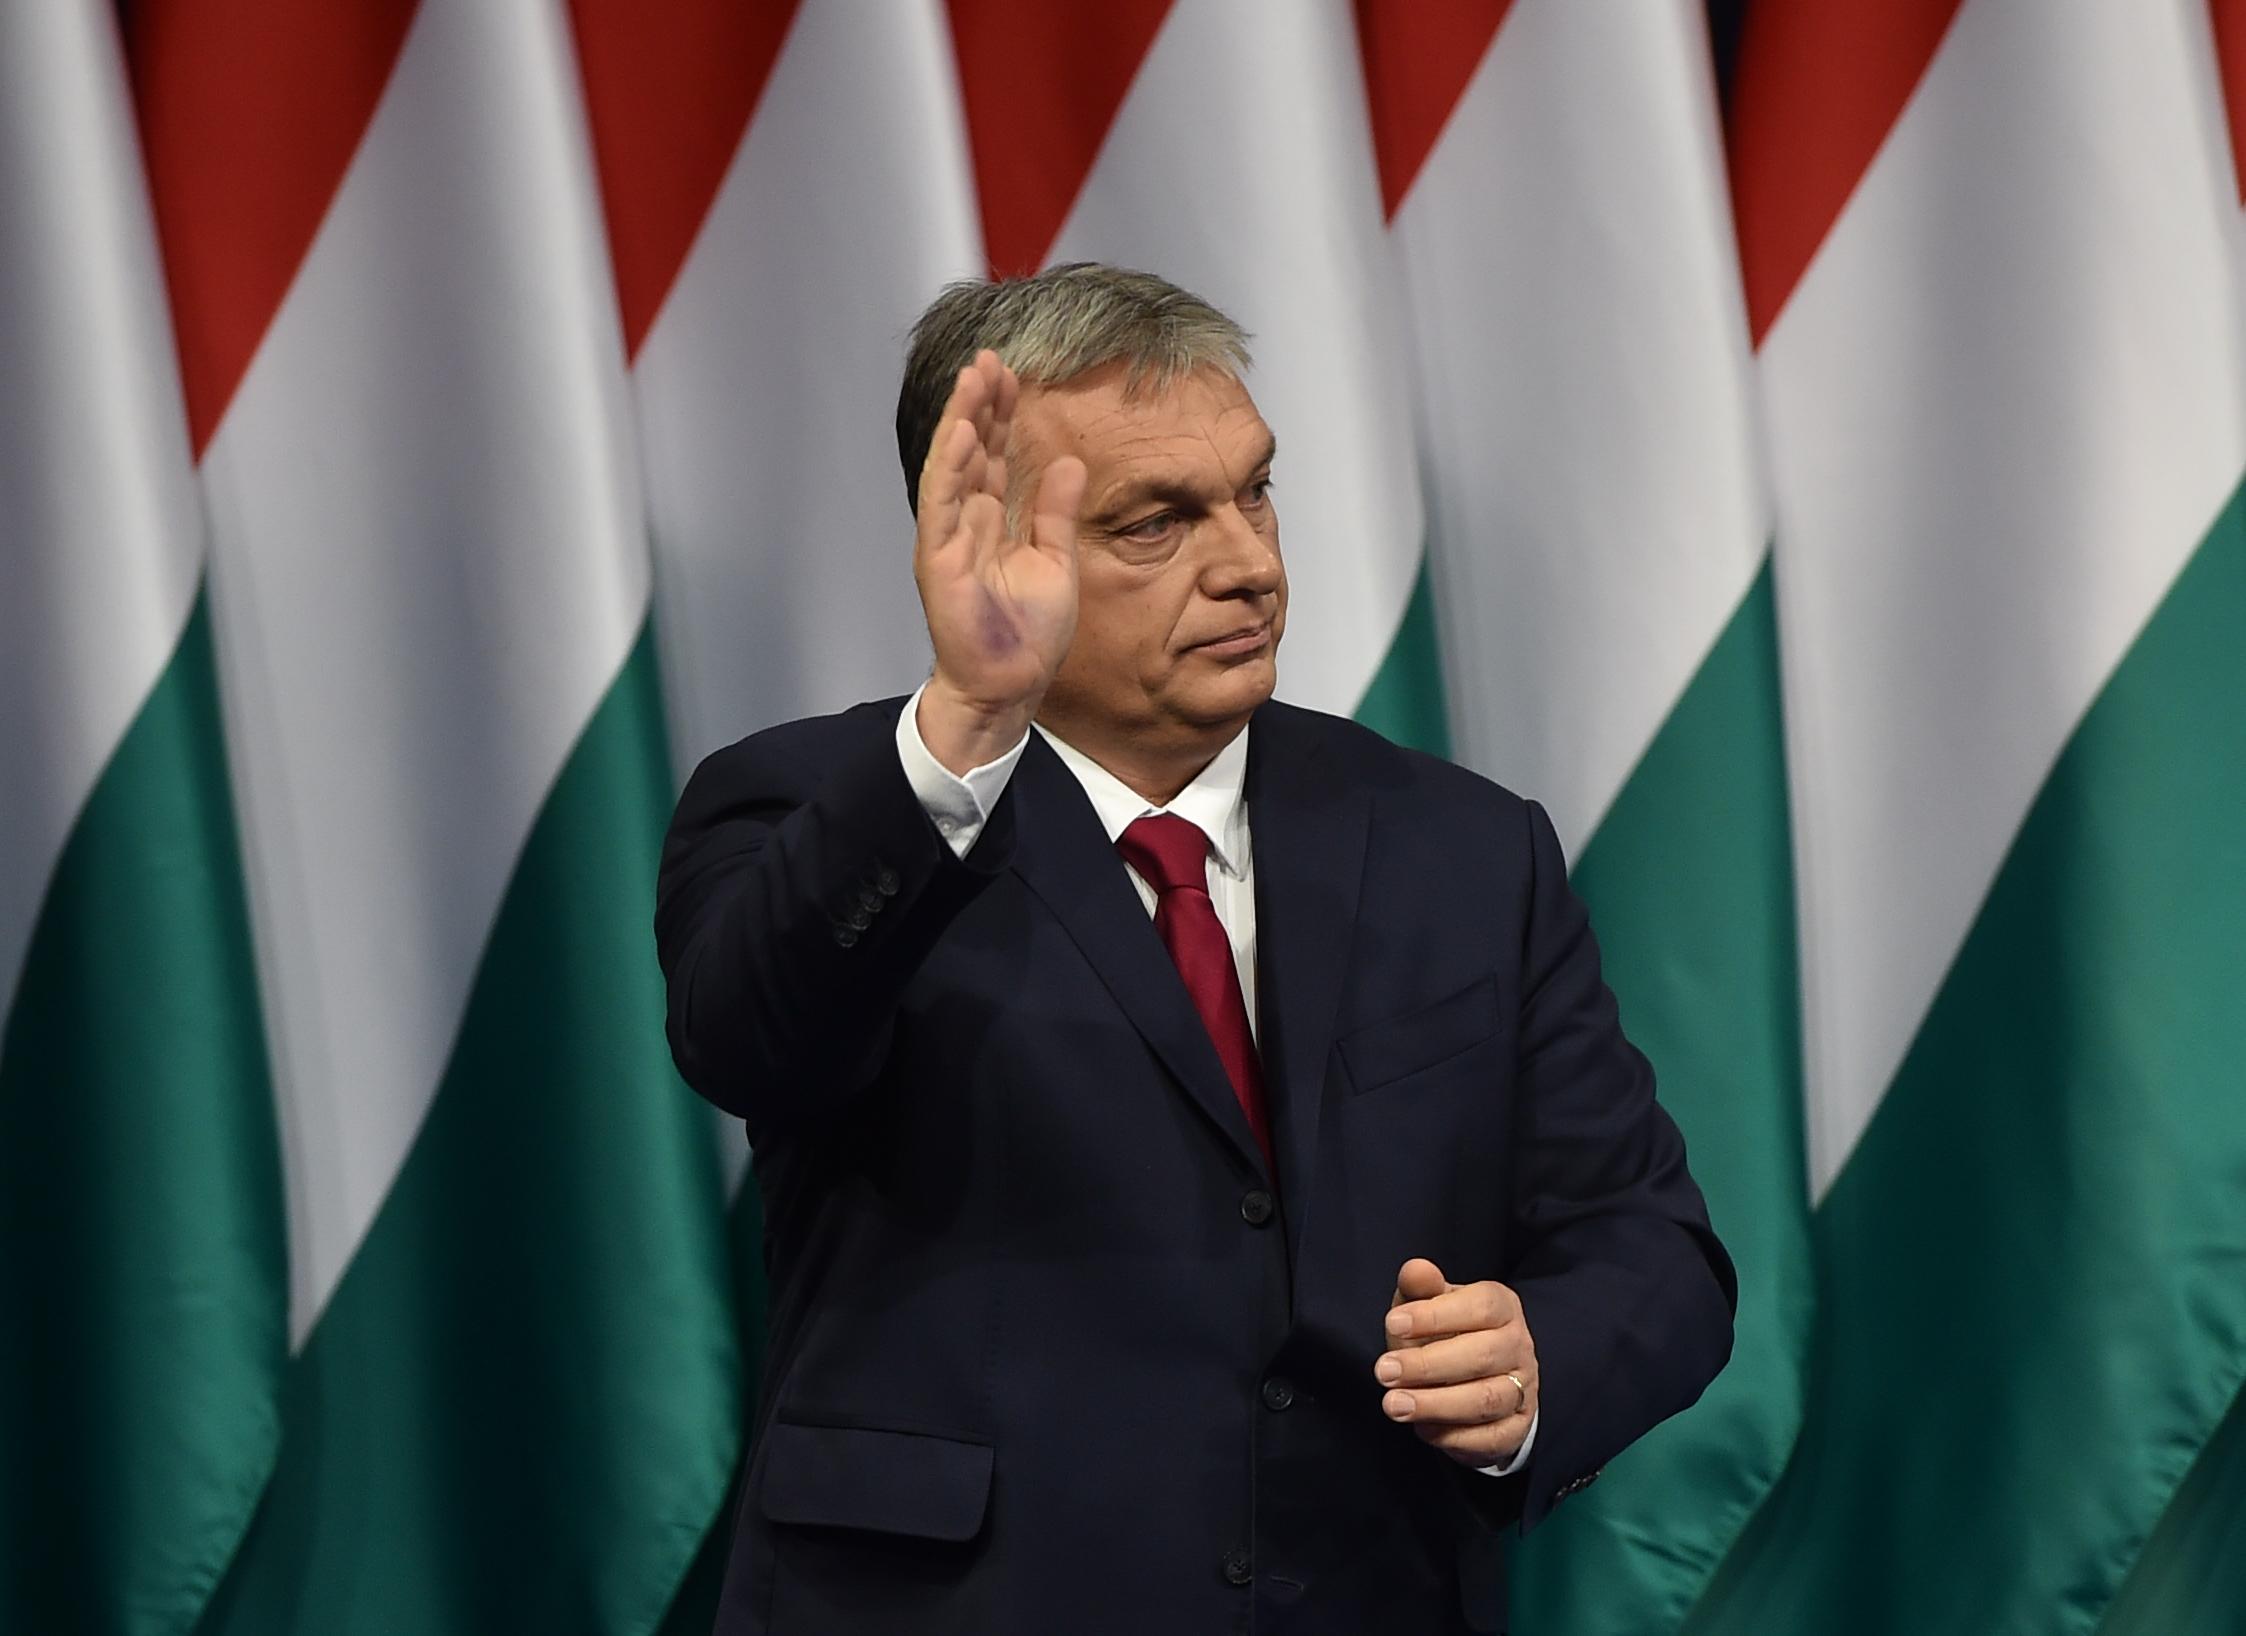 Kékes-lilás folt volt látható Orbán Viktor mindkét tenyerén az évértékelő beszéd alatt